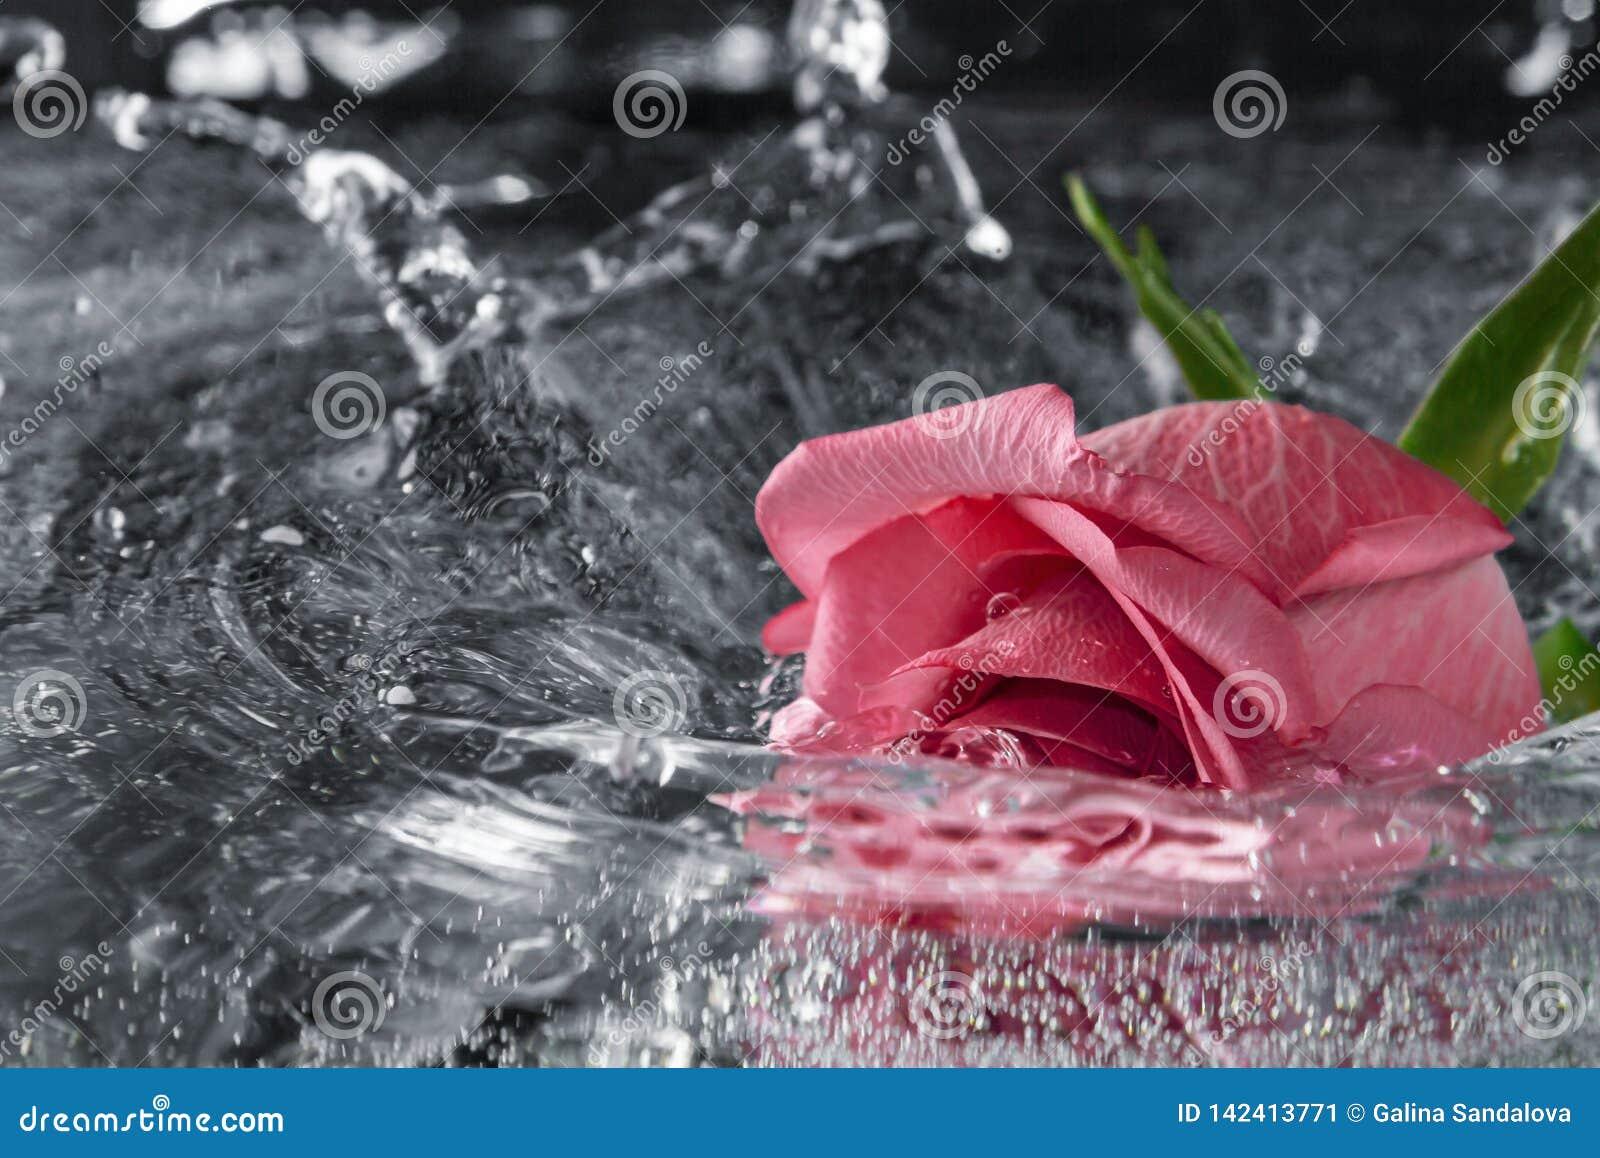 Rose tombant dans l eau avec une éclaboussure et un pulvérisateur